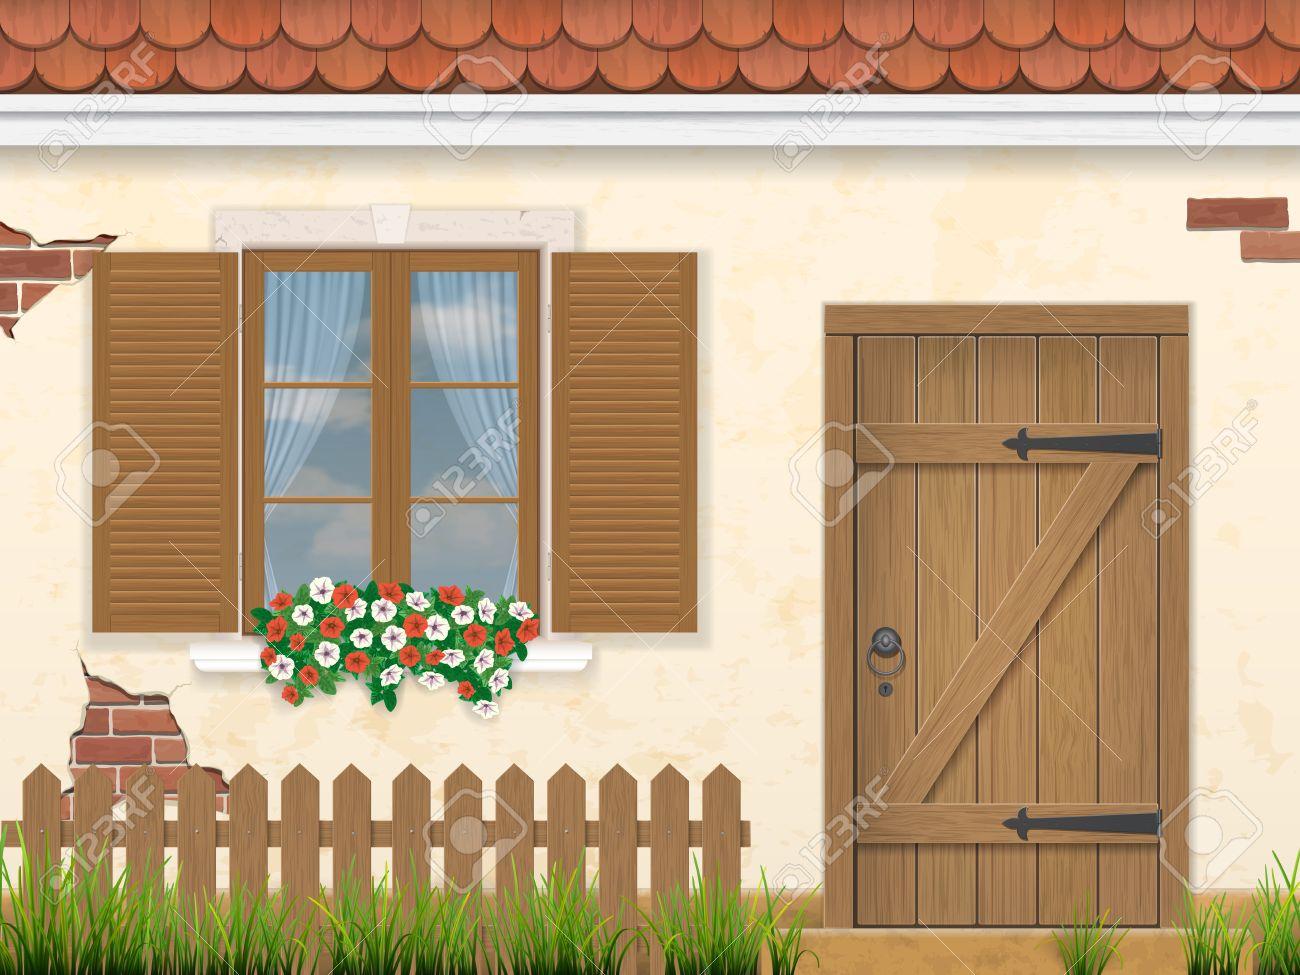 Old wooden door clipart - Barn Door The Facade Of The Old Building Wooden Window Door And Fence